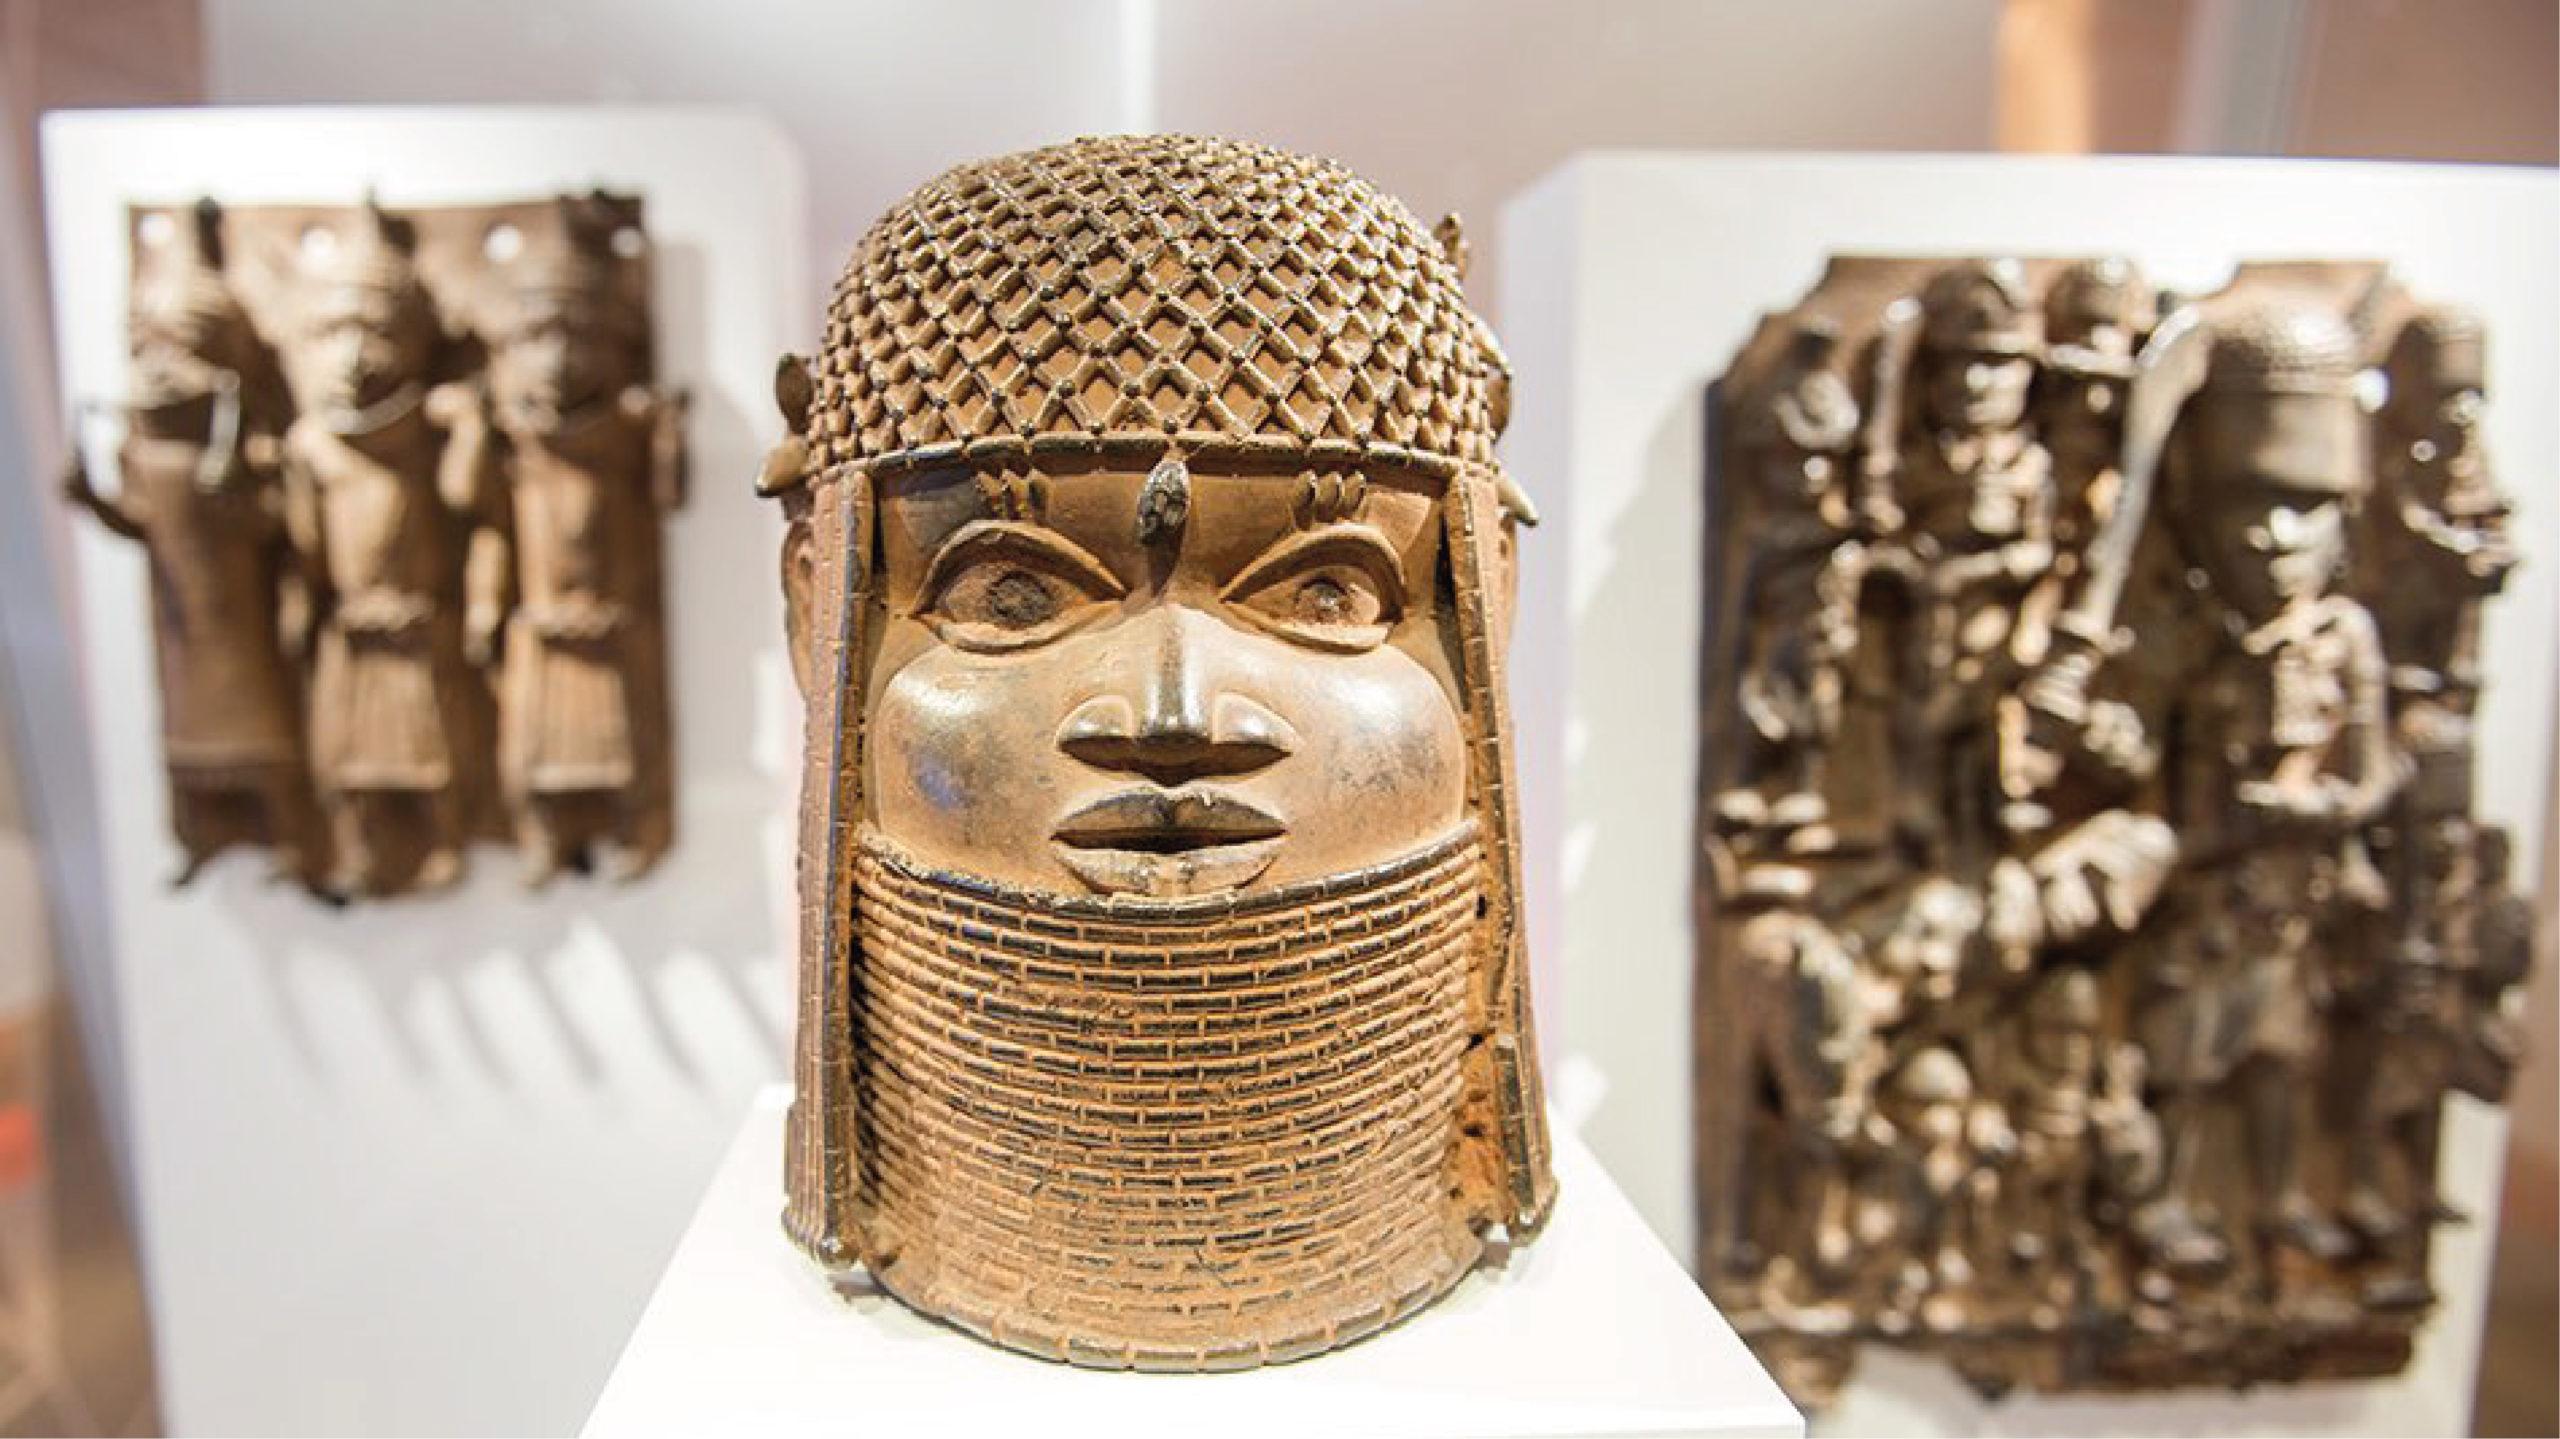 Alemania devolverá a Nigeria piezas incautadas en la era colonial